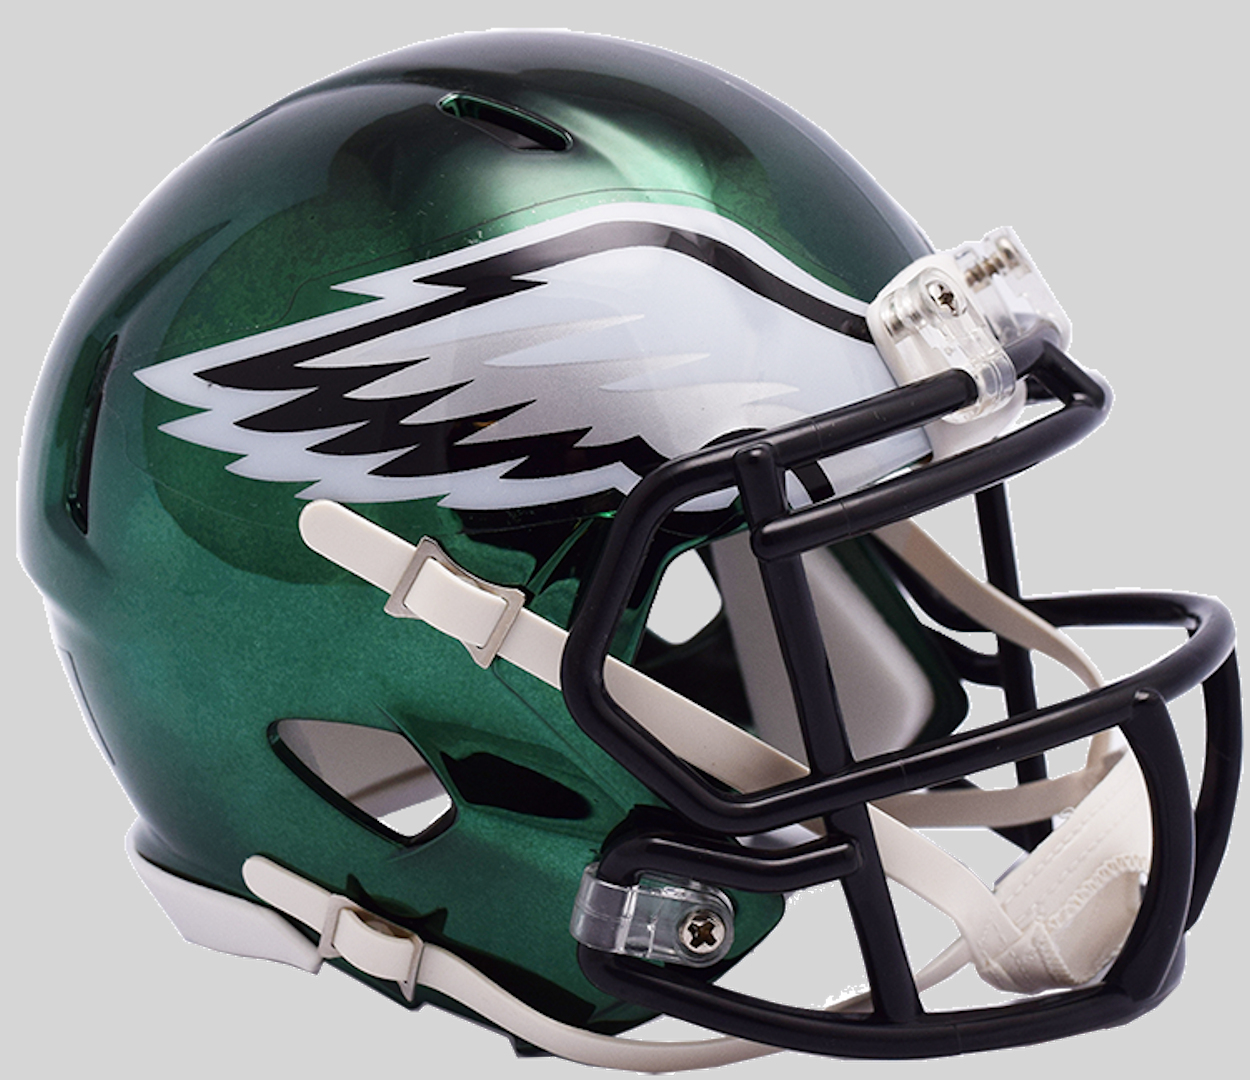 Philadelphia Eagles NFL Mini Chrome Speed Football Helmet <B>NEW 2018</B>